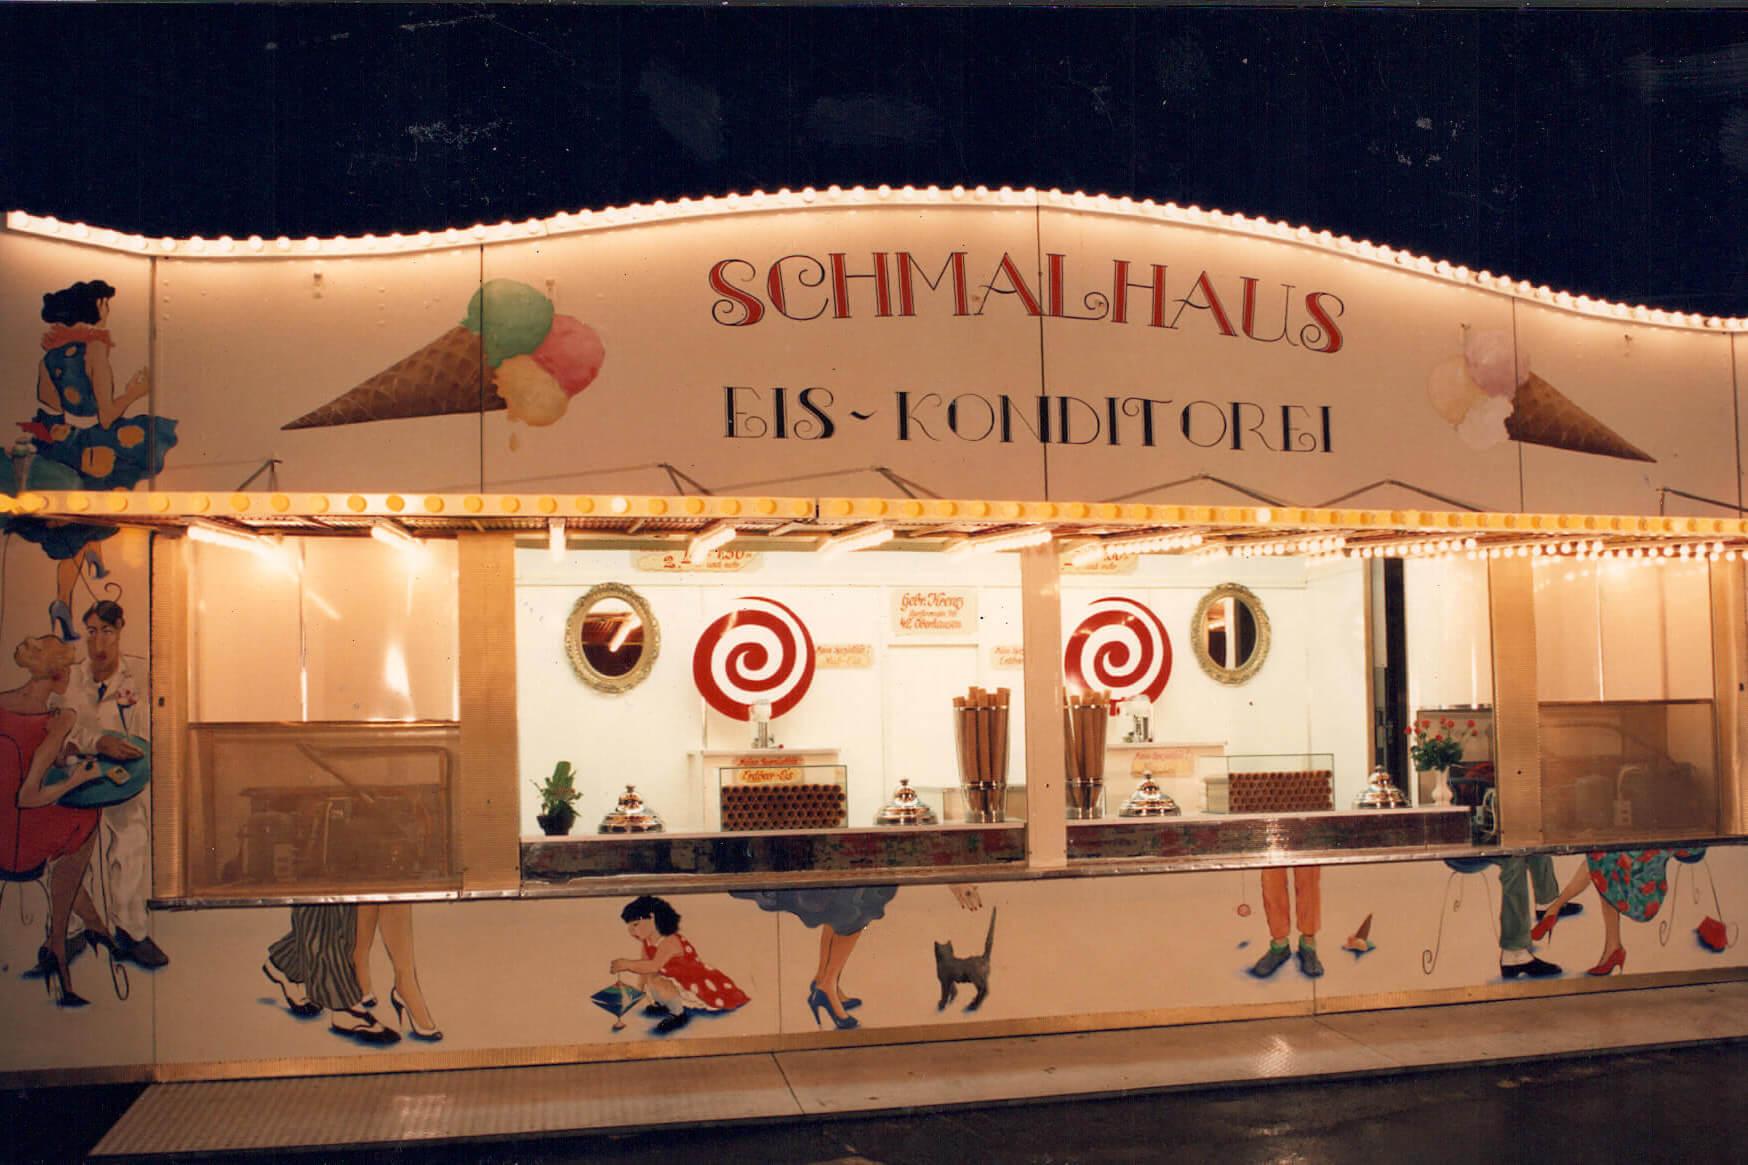 Schmalhaus Eis historisch Eiskonditorei 80er Jahre